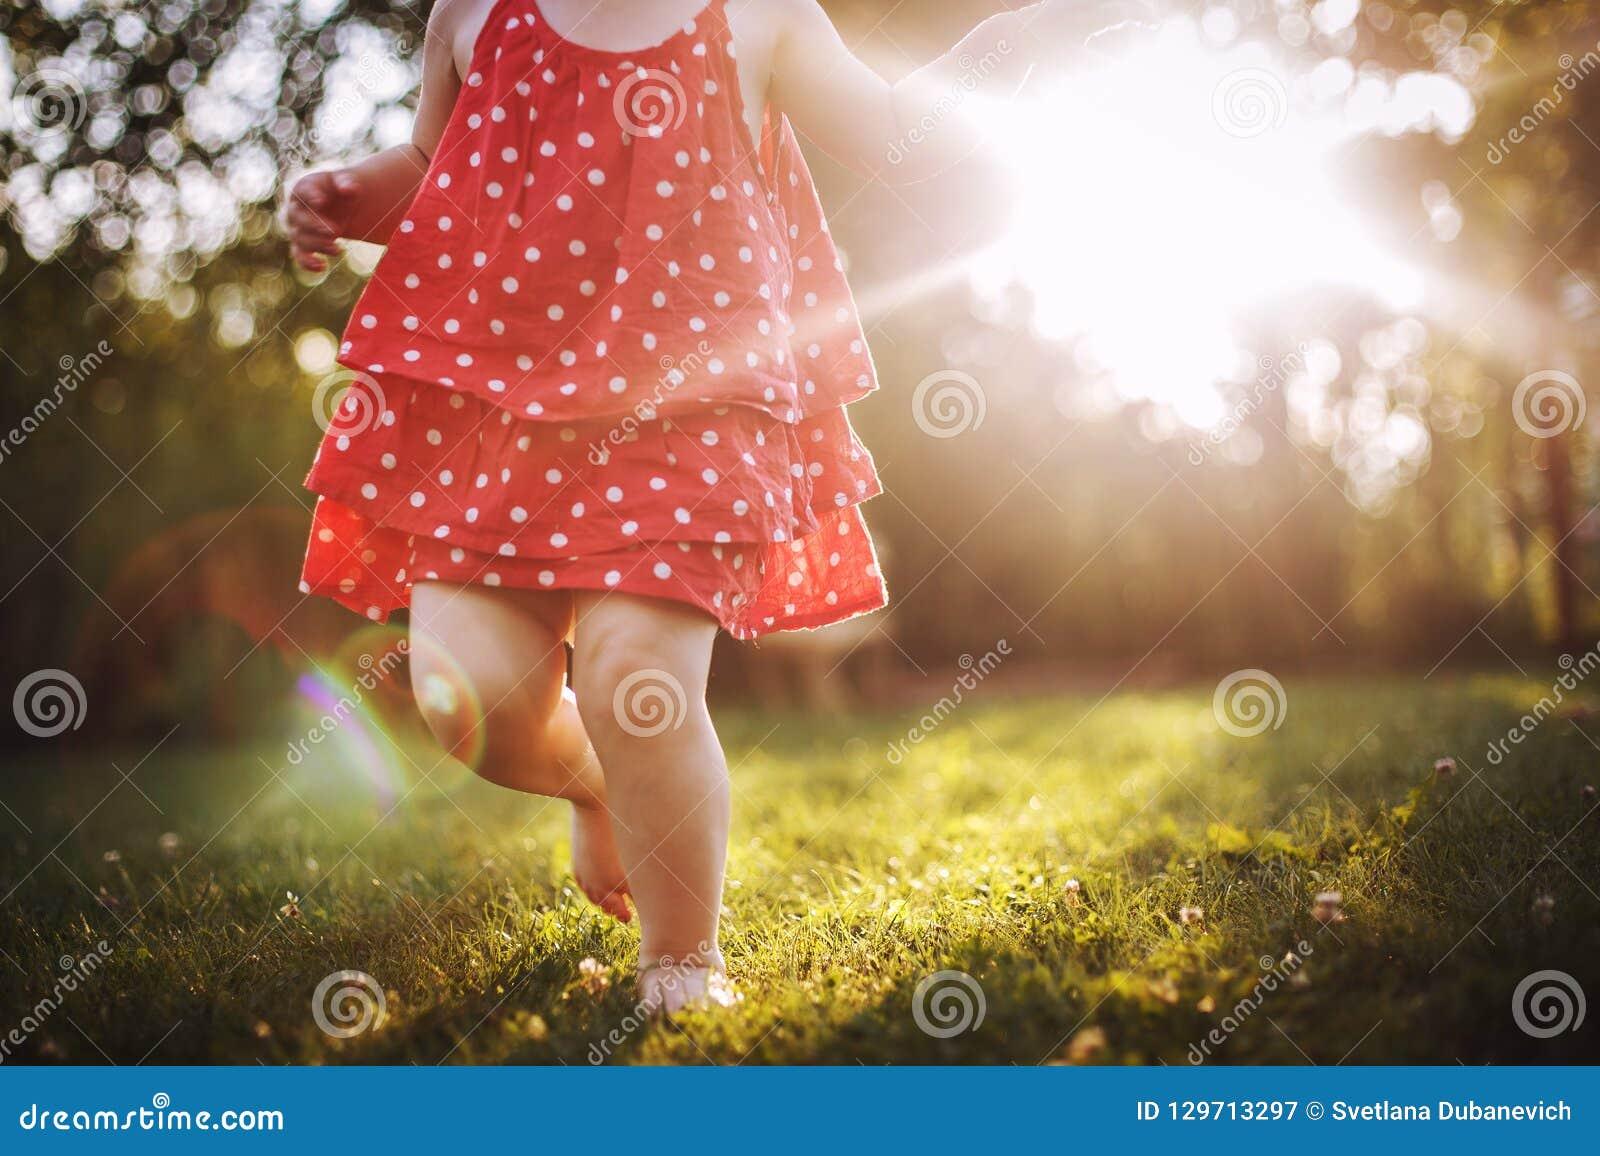 Little girl`s bare feet in the grass. little girl running